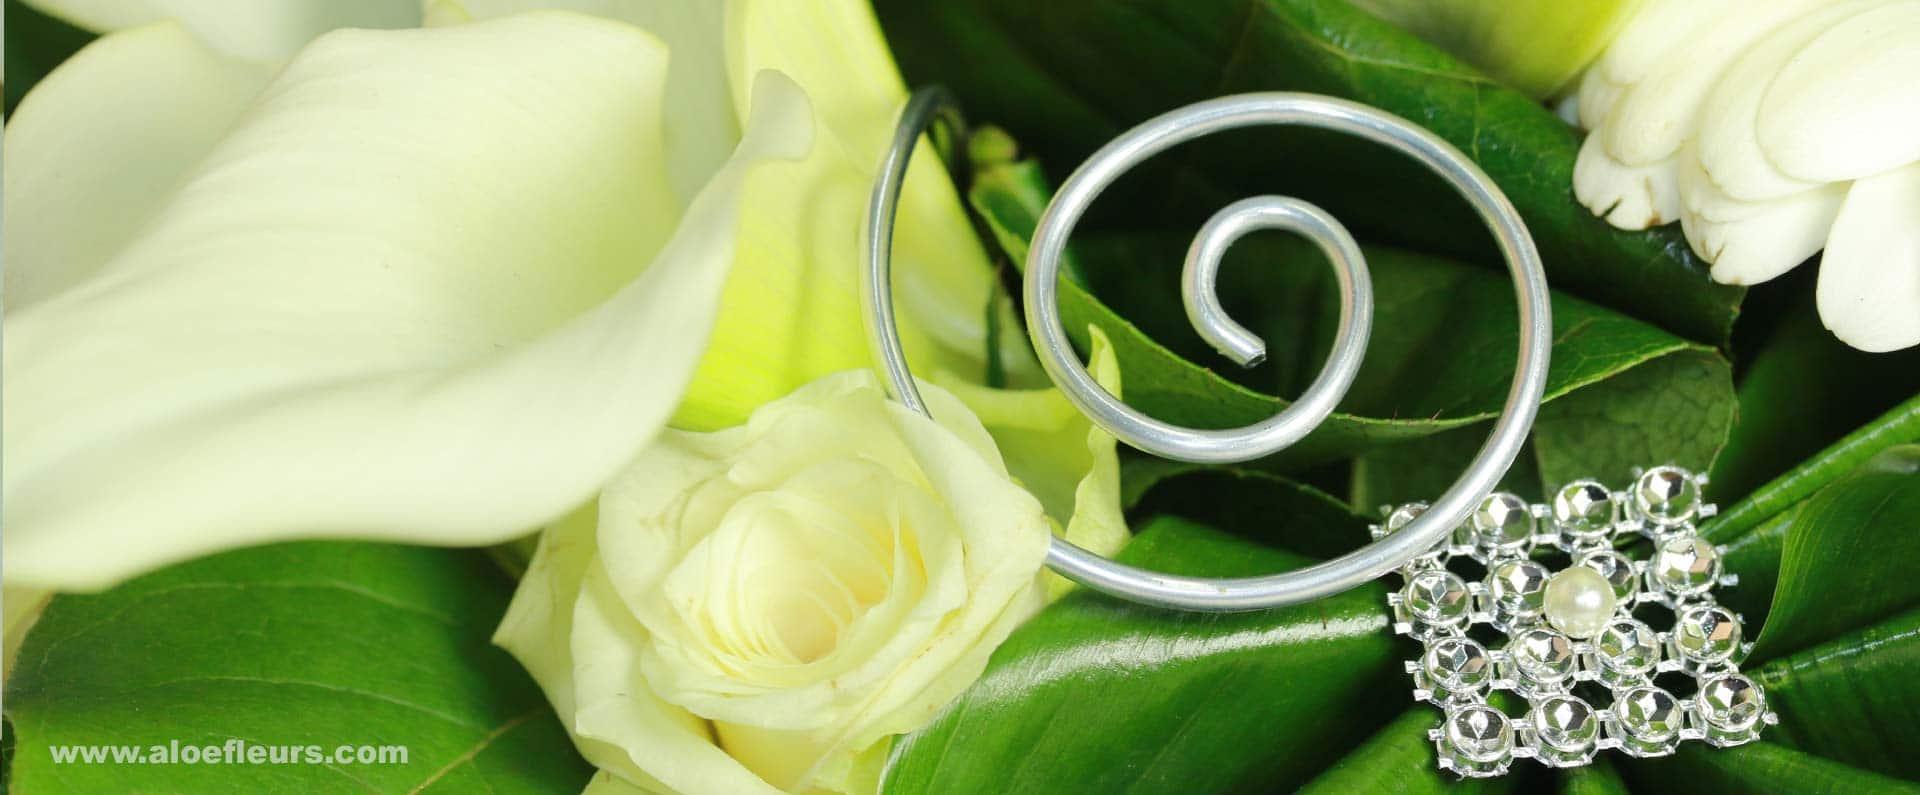 banner-bouquet-de-arum-et-roses-perle-aloé-fleurs-forbach.jpg